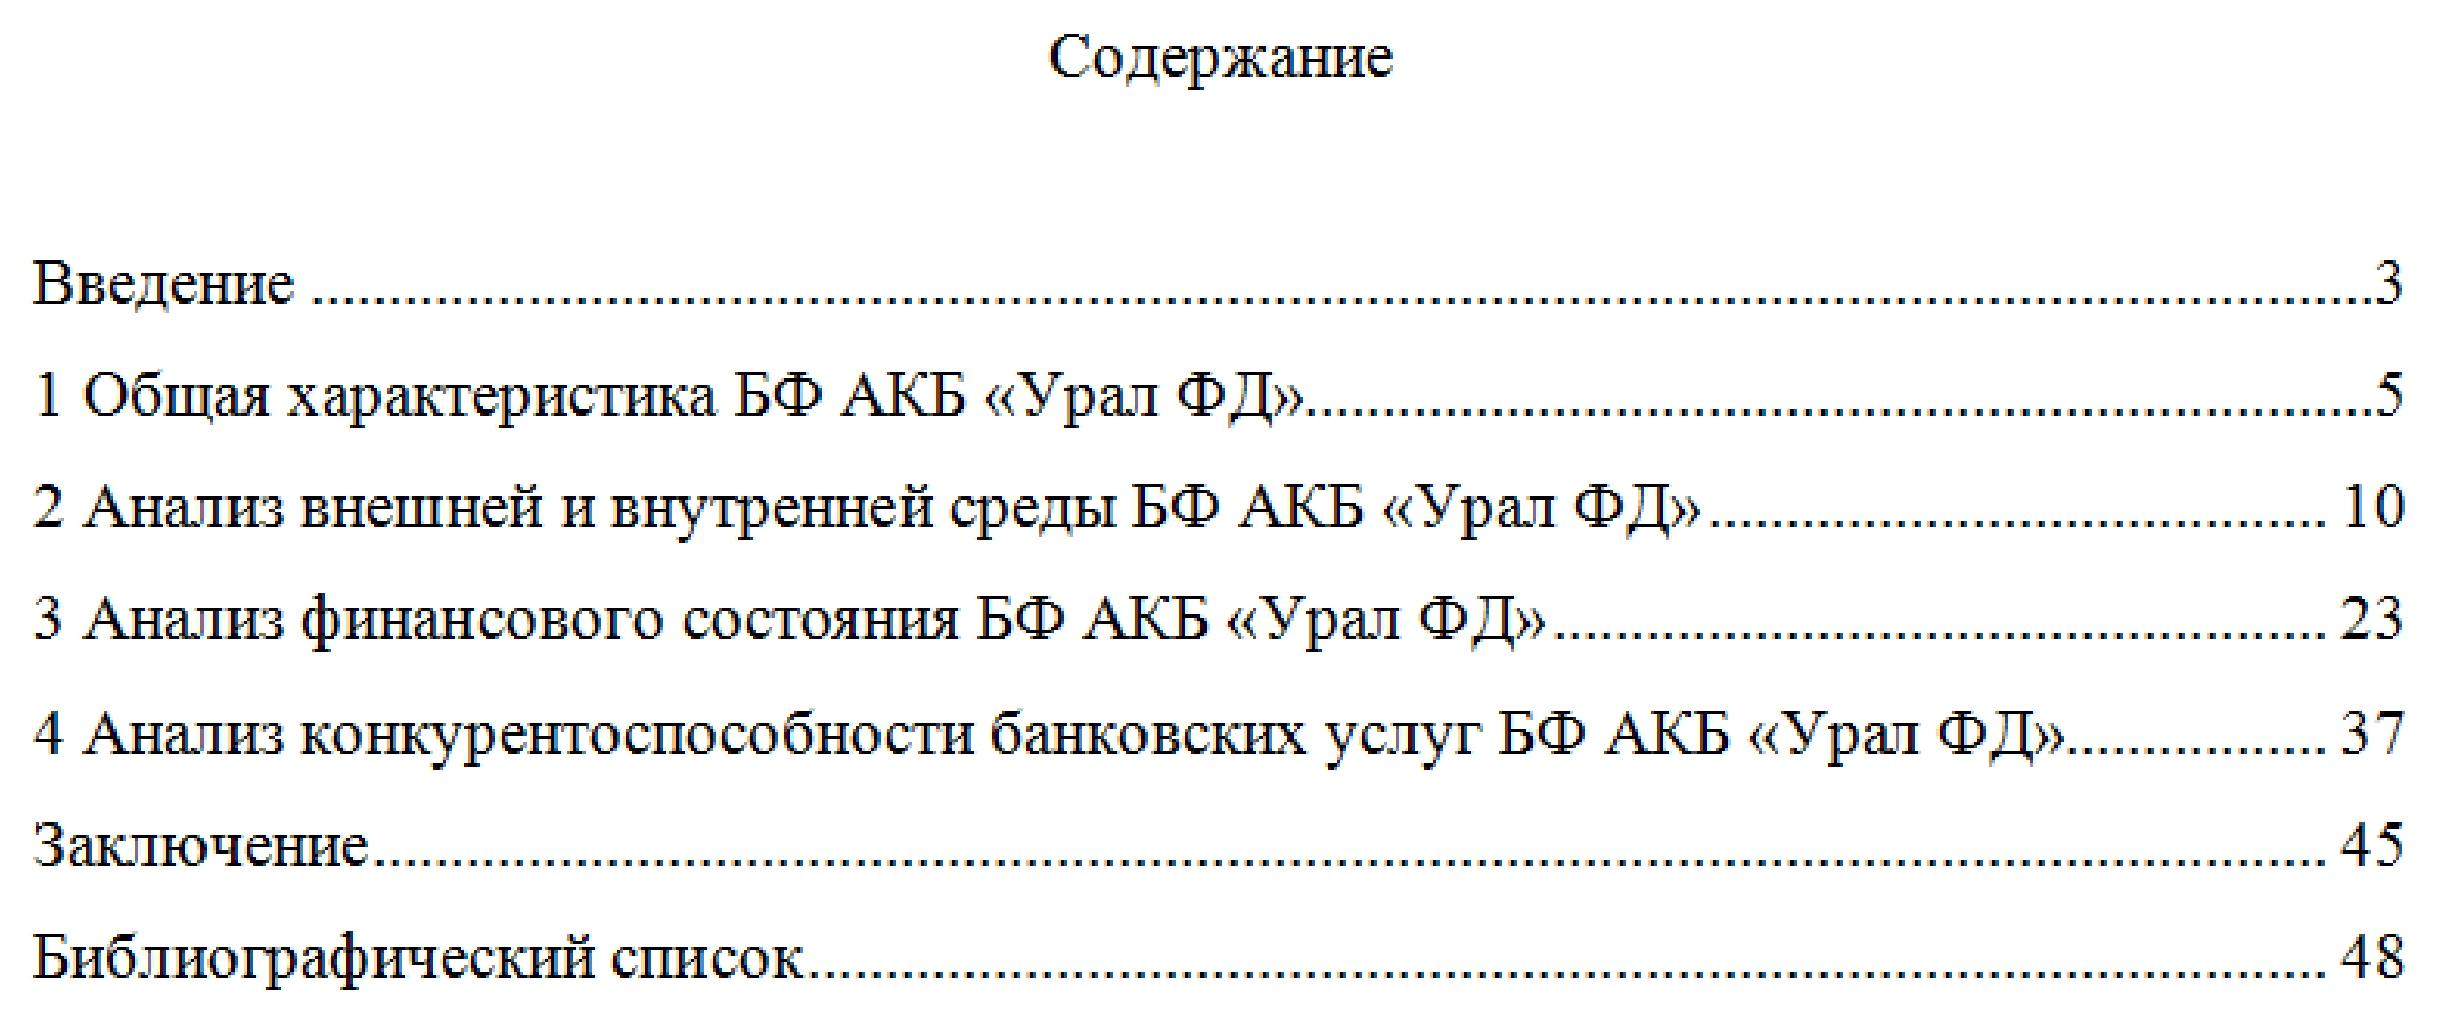 Отчет по преддипломной практике коммерческий банк его сущность и цели, методы работы на примере банка Клюква